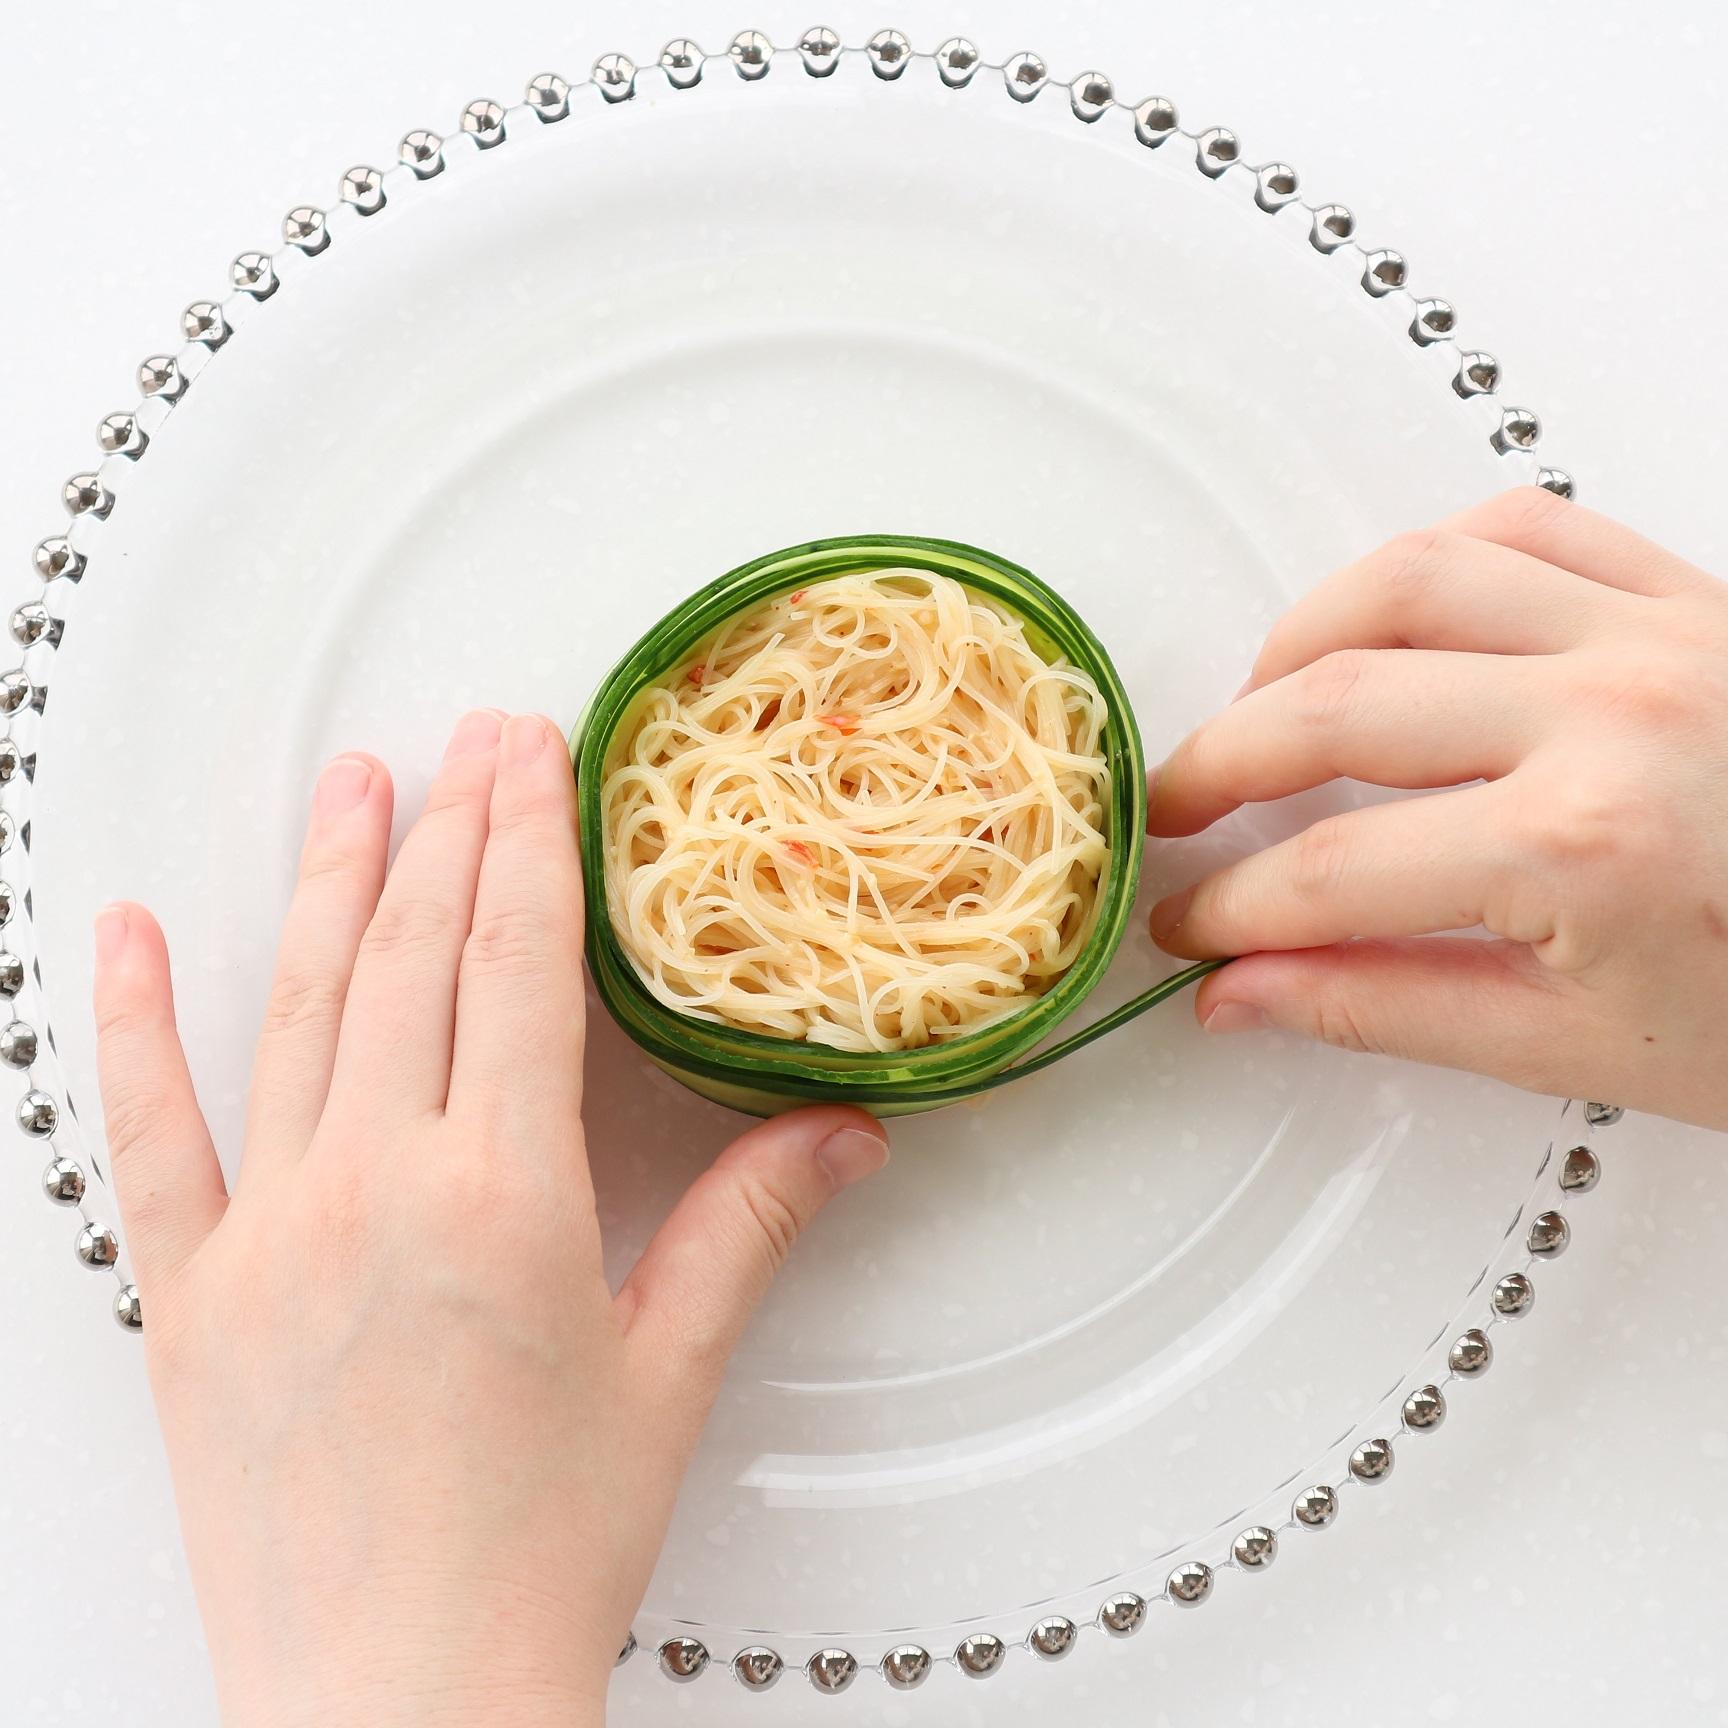 お皿の中央に牛乳パックを置きビーフンを敷き詰め、そっと外し、きゅうりを巻きつける。